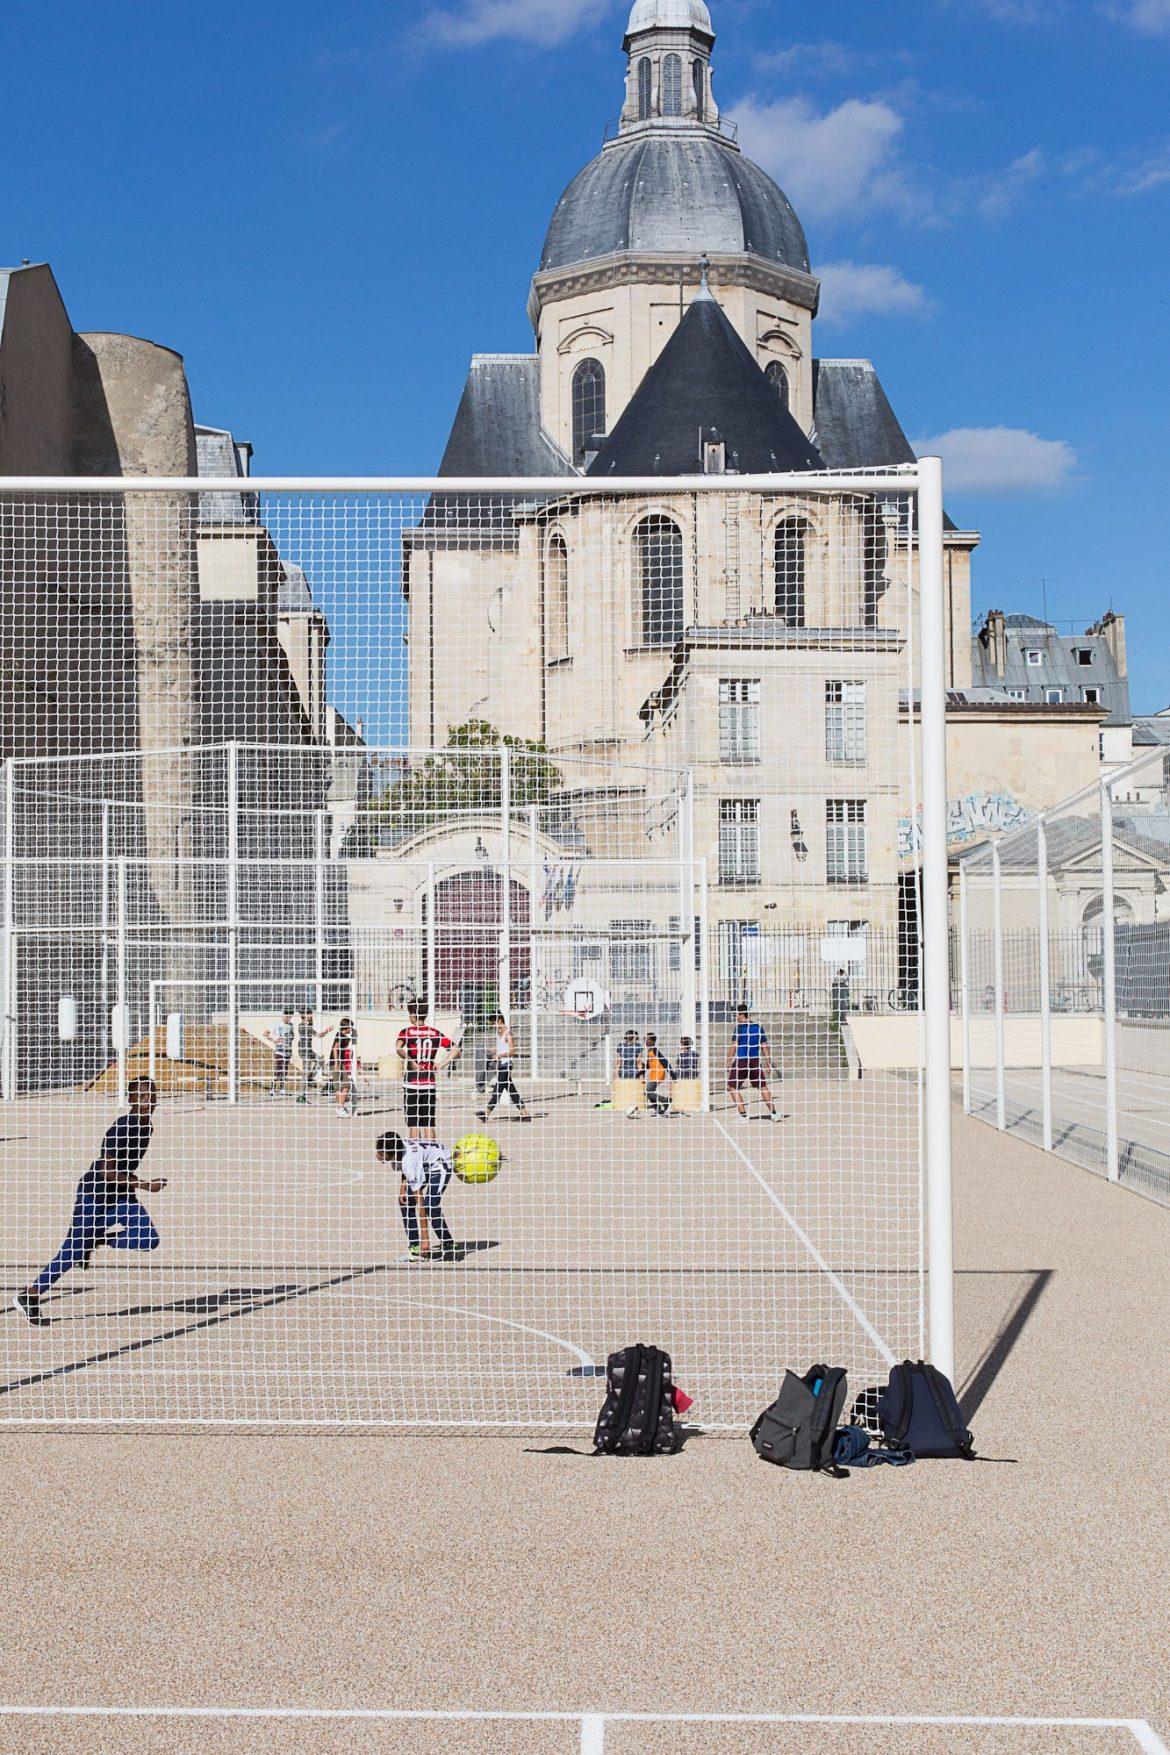 NP2F terrain sportif jardins saint paul 7 1170x1755 - NP2F aménage les terrains de sport des Jardins de Saint-Paul